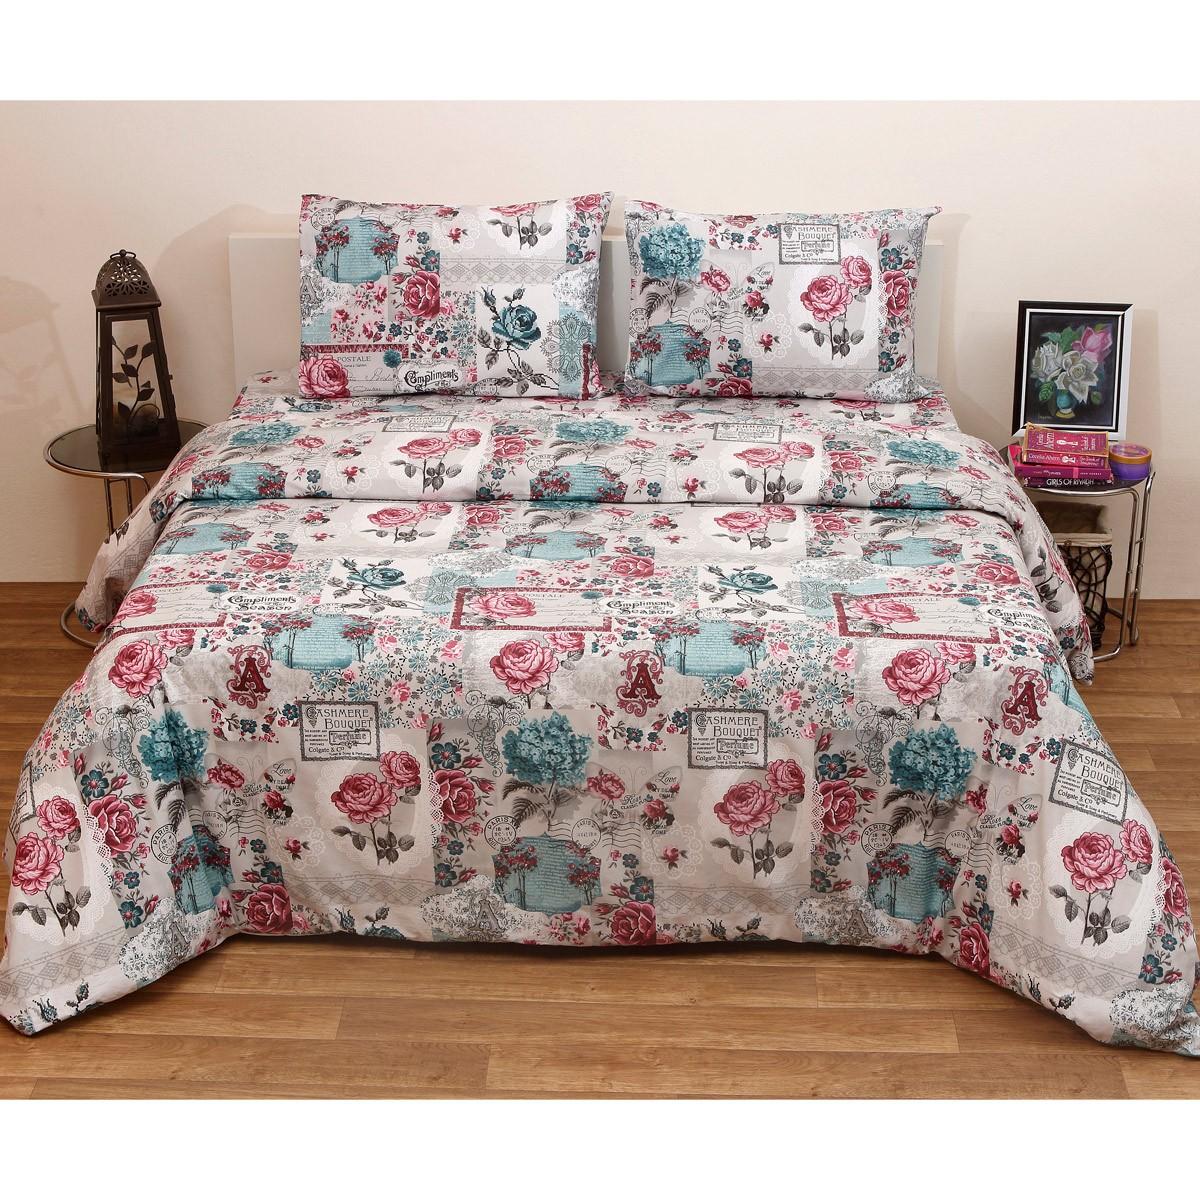 Κουβερλί Ημίδιπλο (Σετ) Viopros Fresh Ροζάνα home   κρεβατοκάμαρα   κουβερλί   κουβερλί ημίδιπλα   διπλά